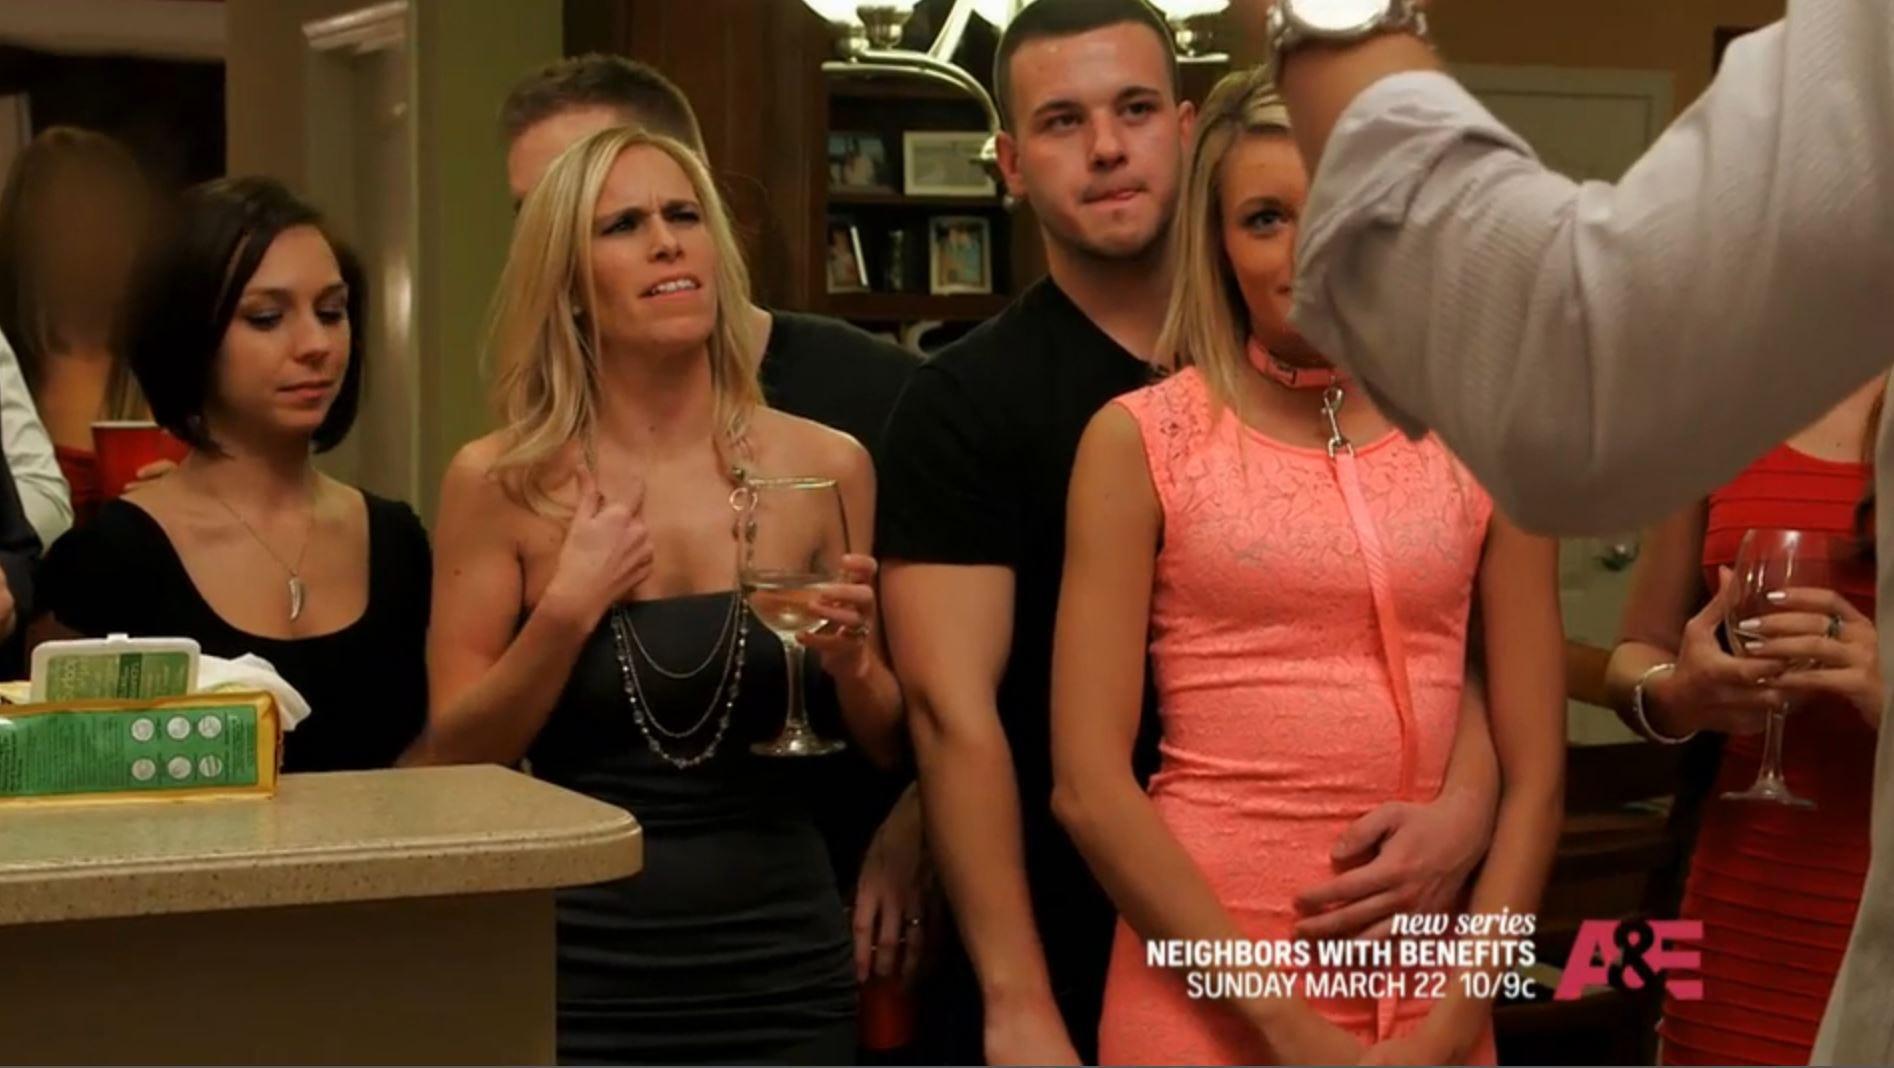 Women spunk teasing